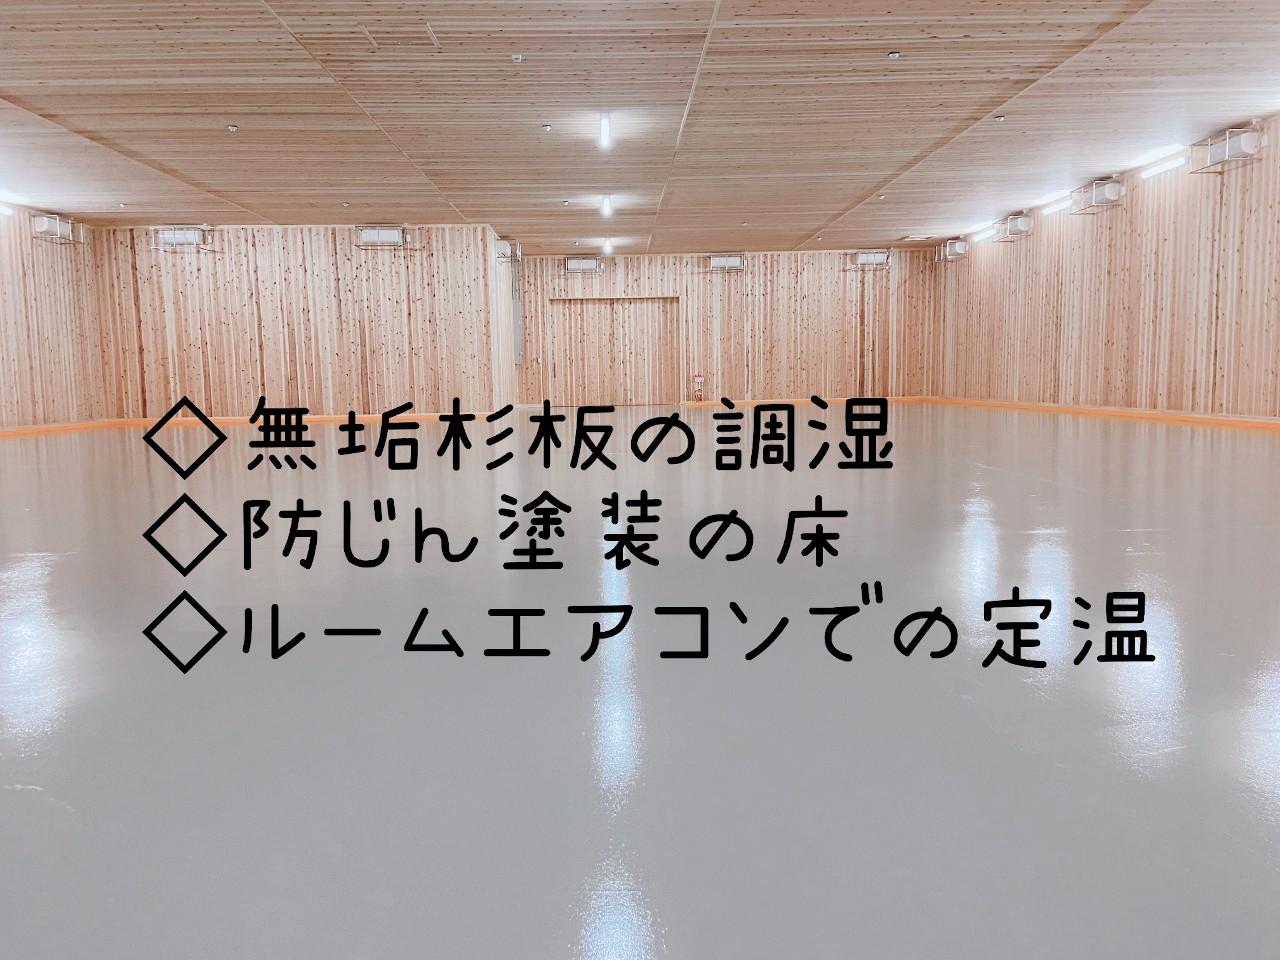 お米保管用倉庫の完成見学会をリモートで行いました。